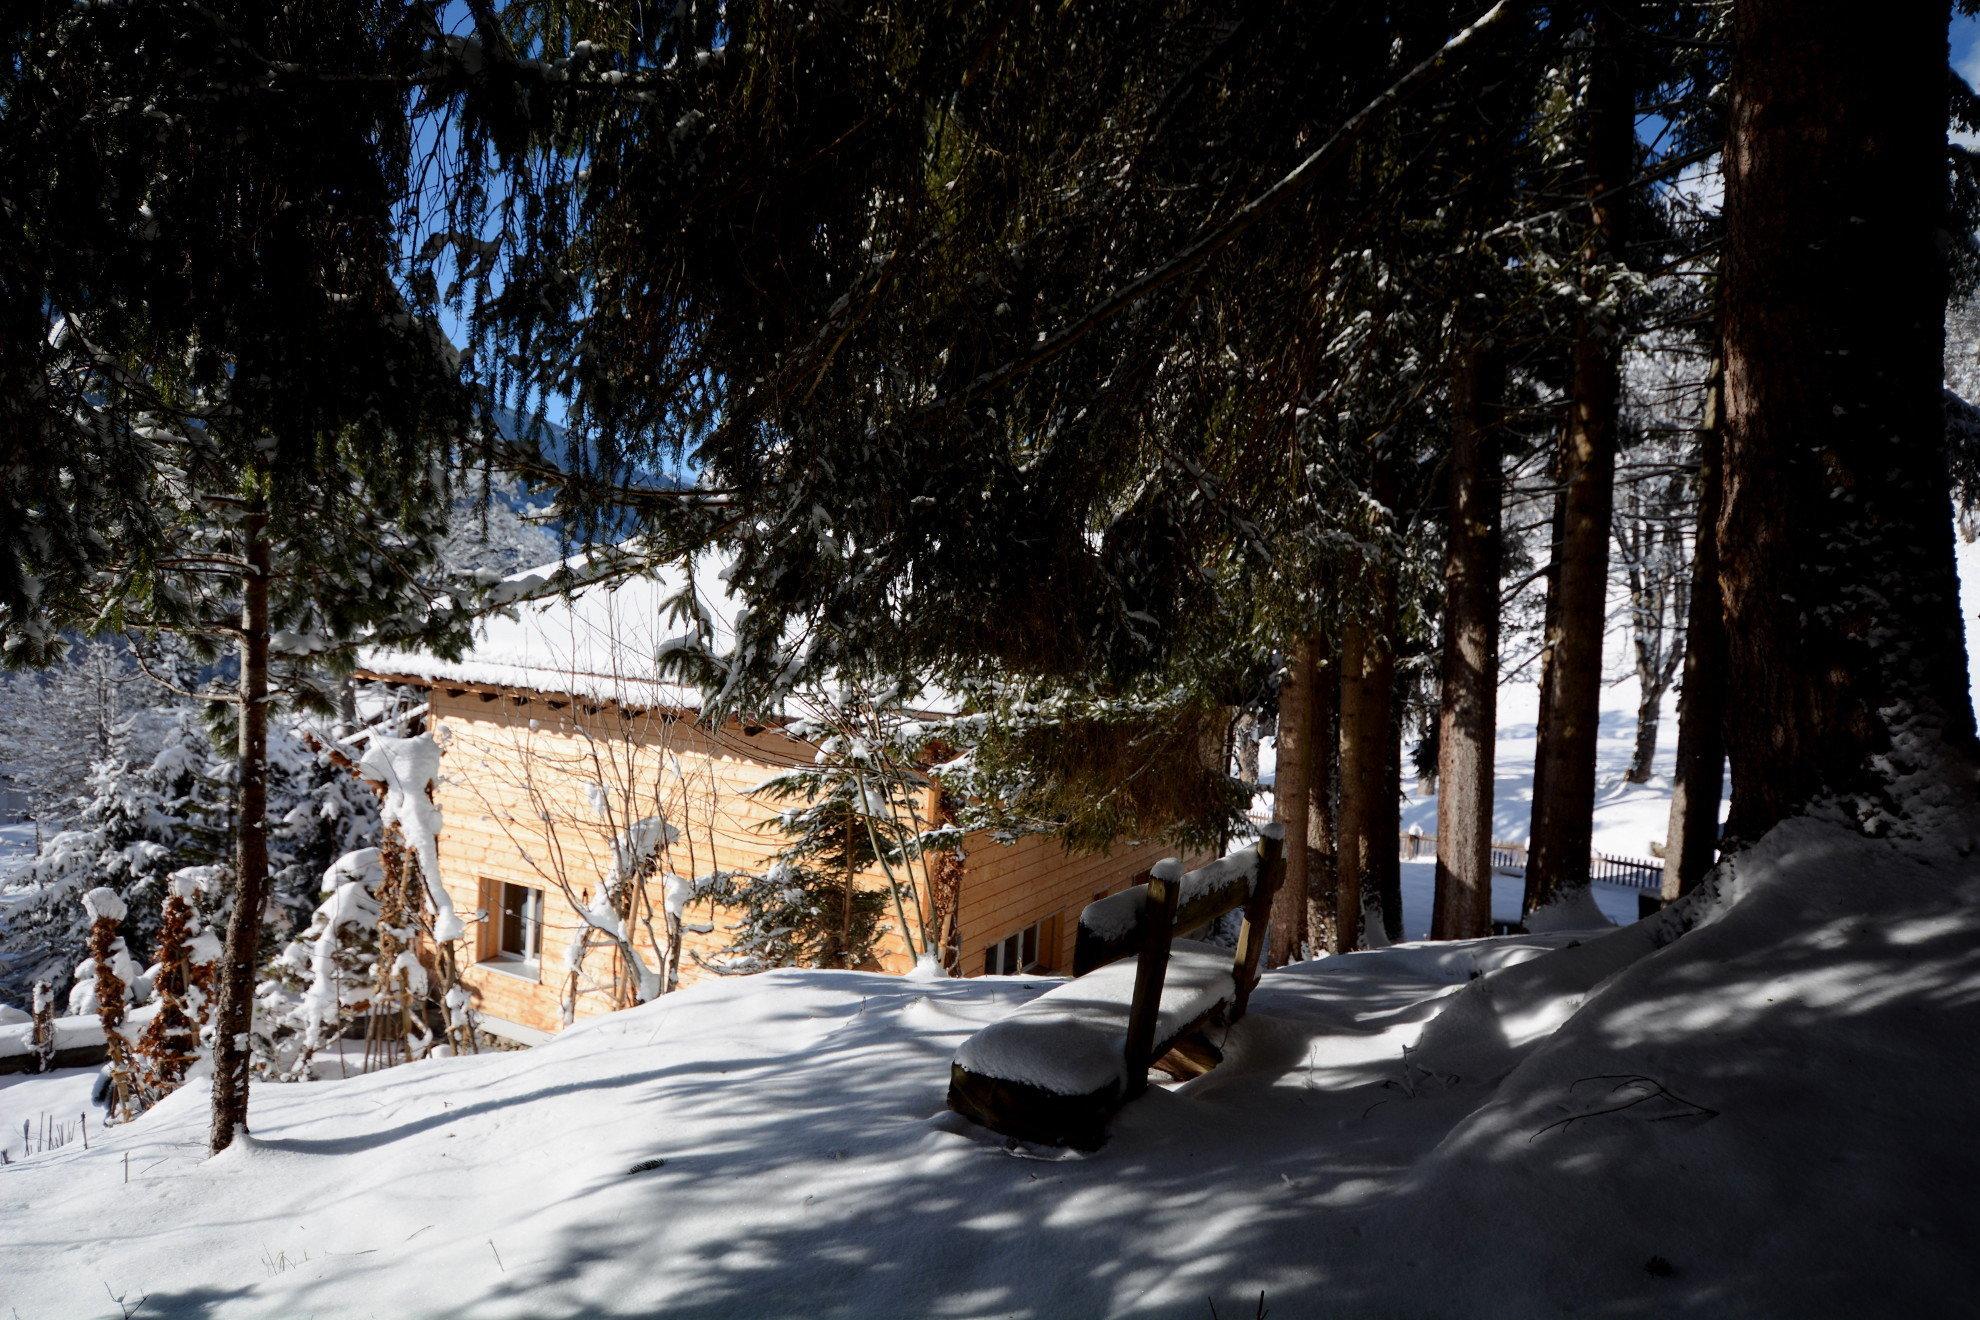 Chalet-Fuechsli-Klosters-Winter-4.JPG